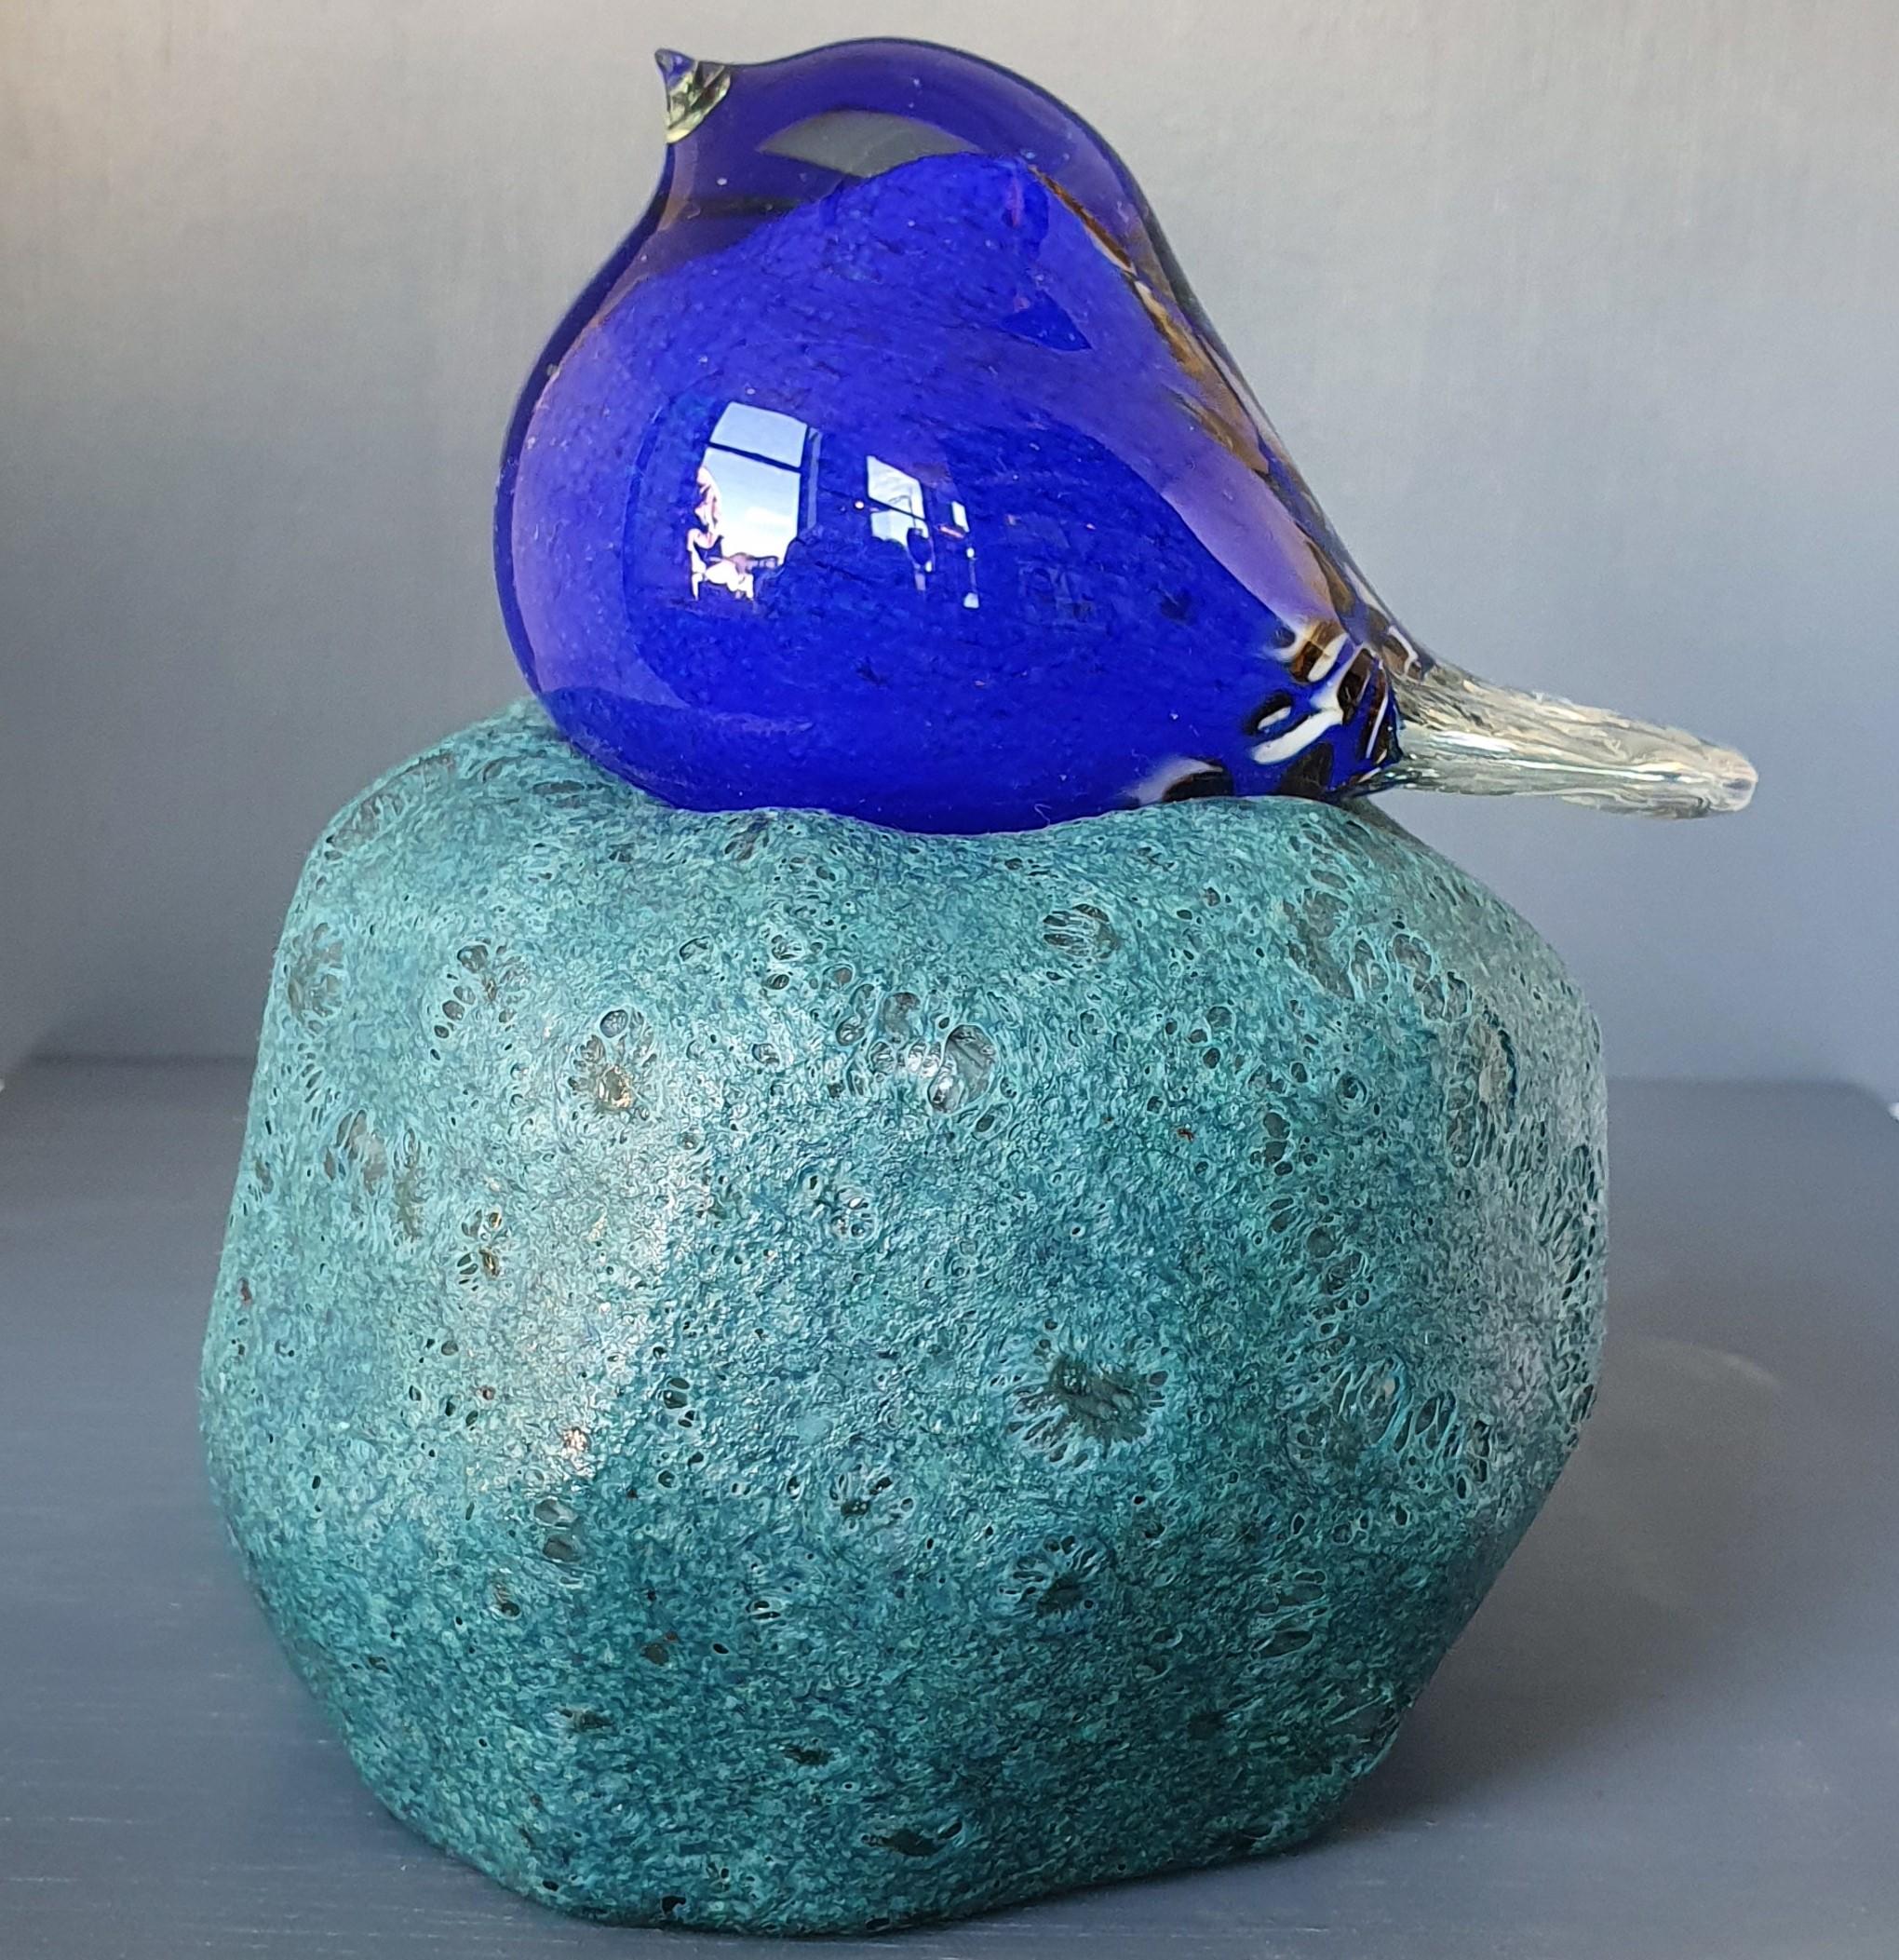 vogel-op-een-steen-van-glas